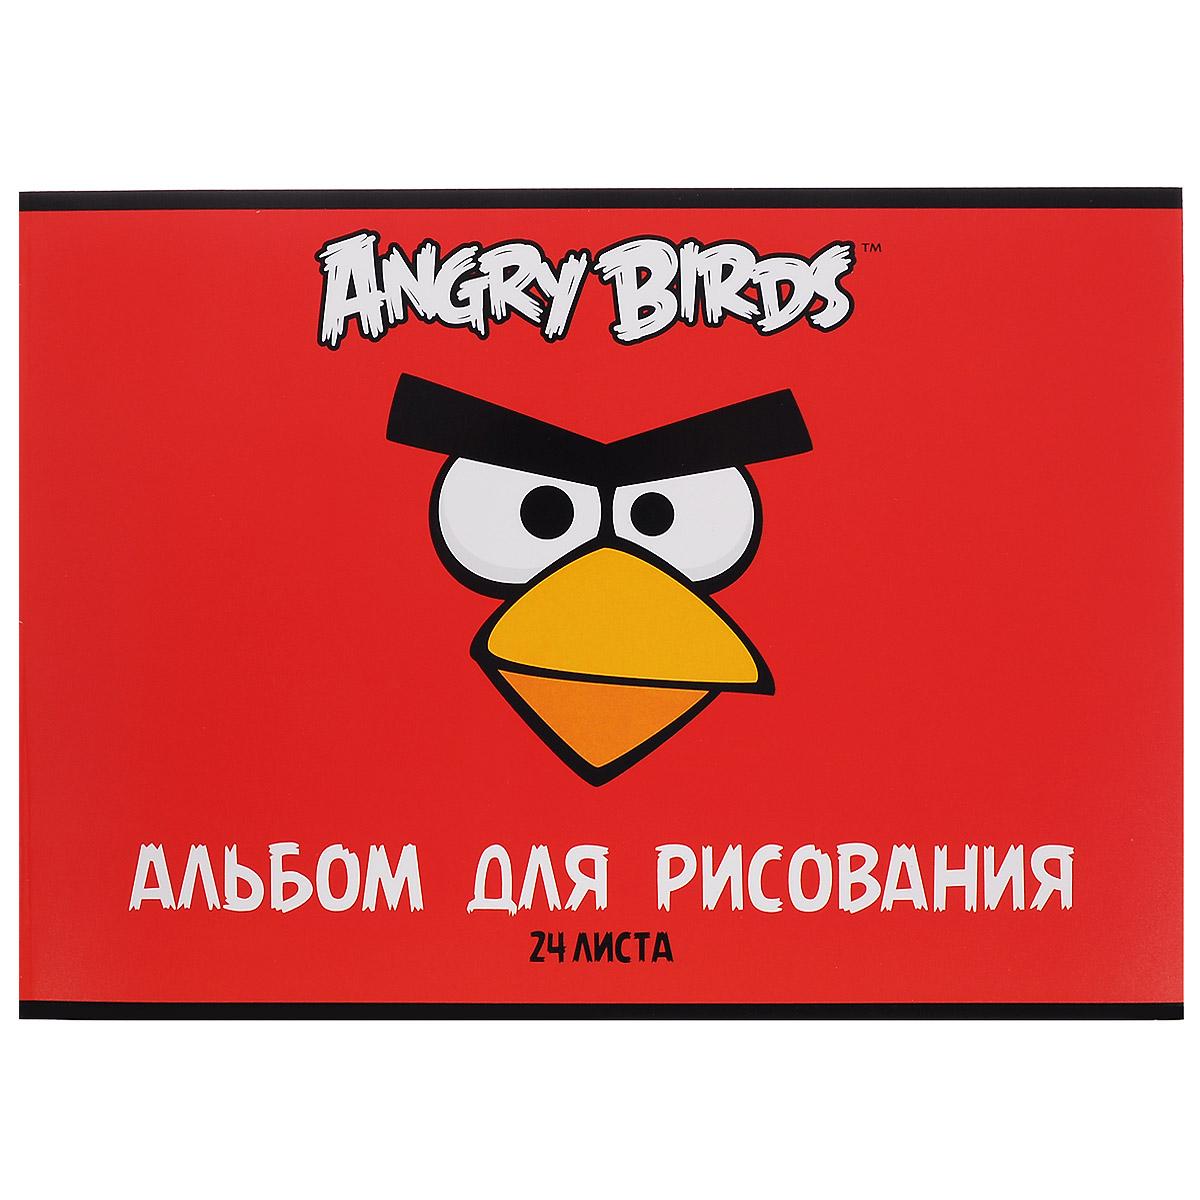 Альбом для рисования Angry Birds, 24 листа. 24А4вмB_1035324А4вмB_10353Альбом для рисования Angry Birds с ярким изображением любимого мультипликационного героя на обложке будет радовать и вдохновлять юных художников на творческий процесс. Бумага альбома отличается высокой прочностью. Обложка выполнена из мелованного картона. Крепление - скрепки. Рисование позволяет развивать творческие способности, кроме того, это увлекательный досуг.Рекомендуемый возраст: 6+.